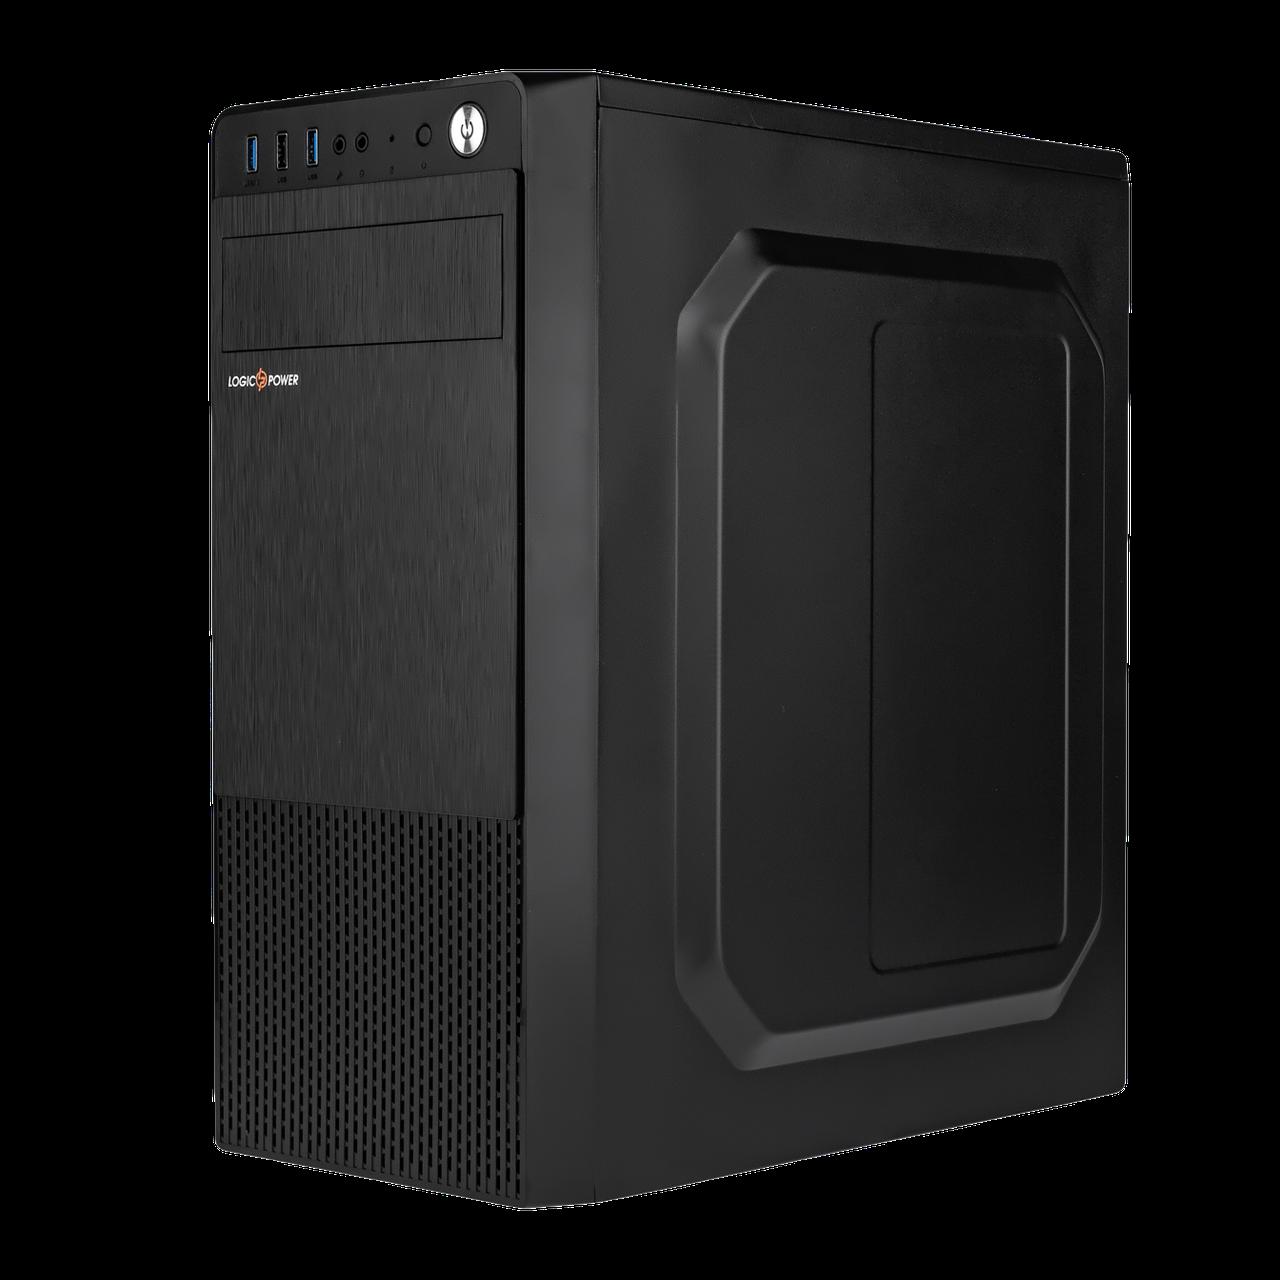 Корпус LP 2009-450W 12см black case chassis cover с 1xUSB2.0 и 2xUSB3.0